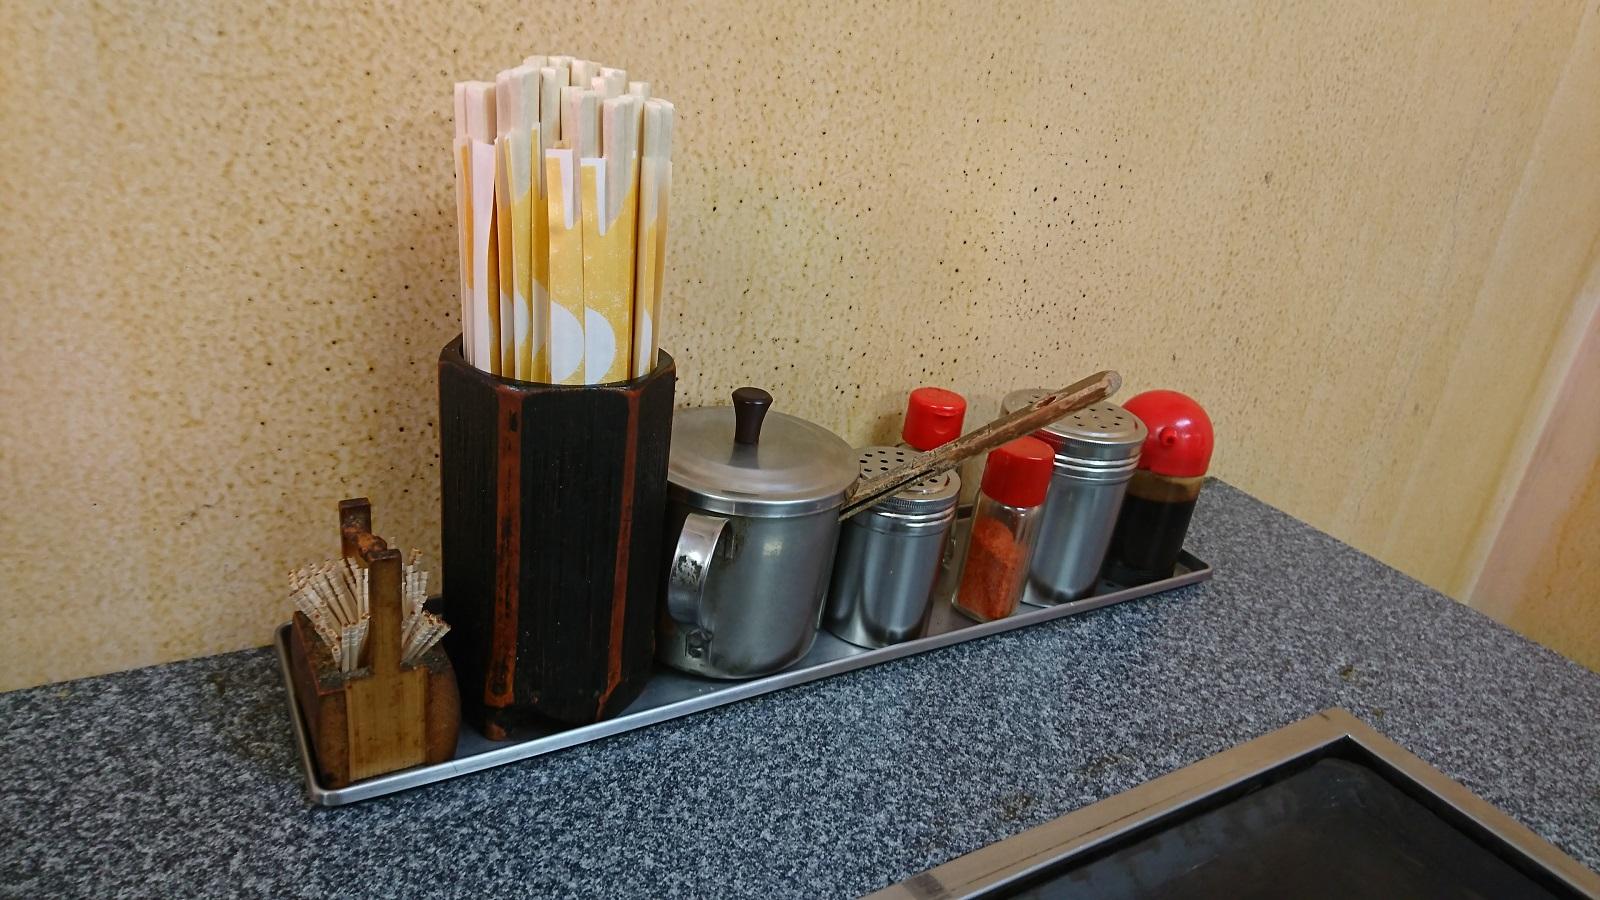 お好み焼きヒロ:調味料